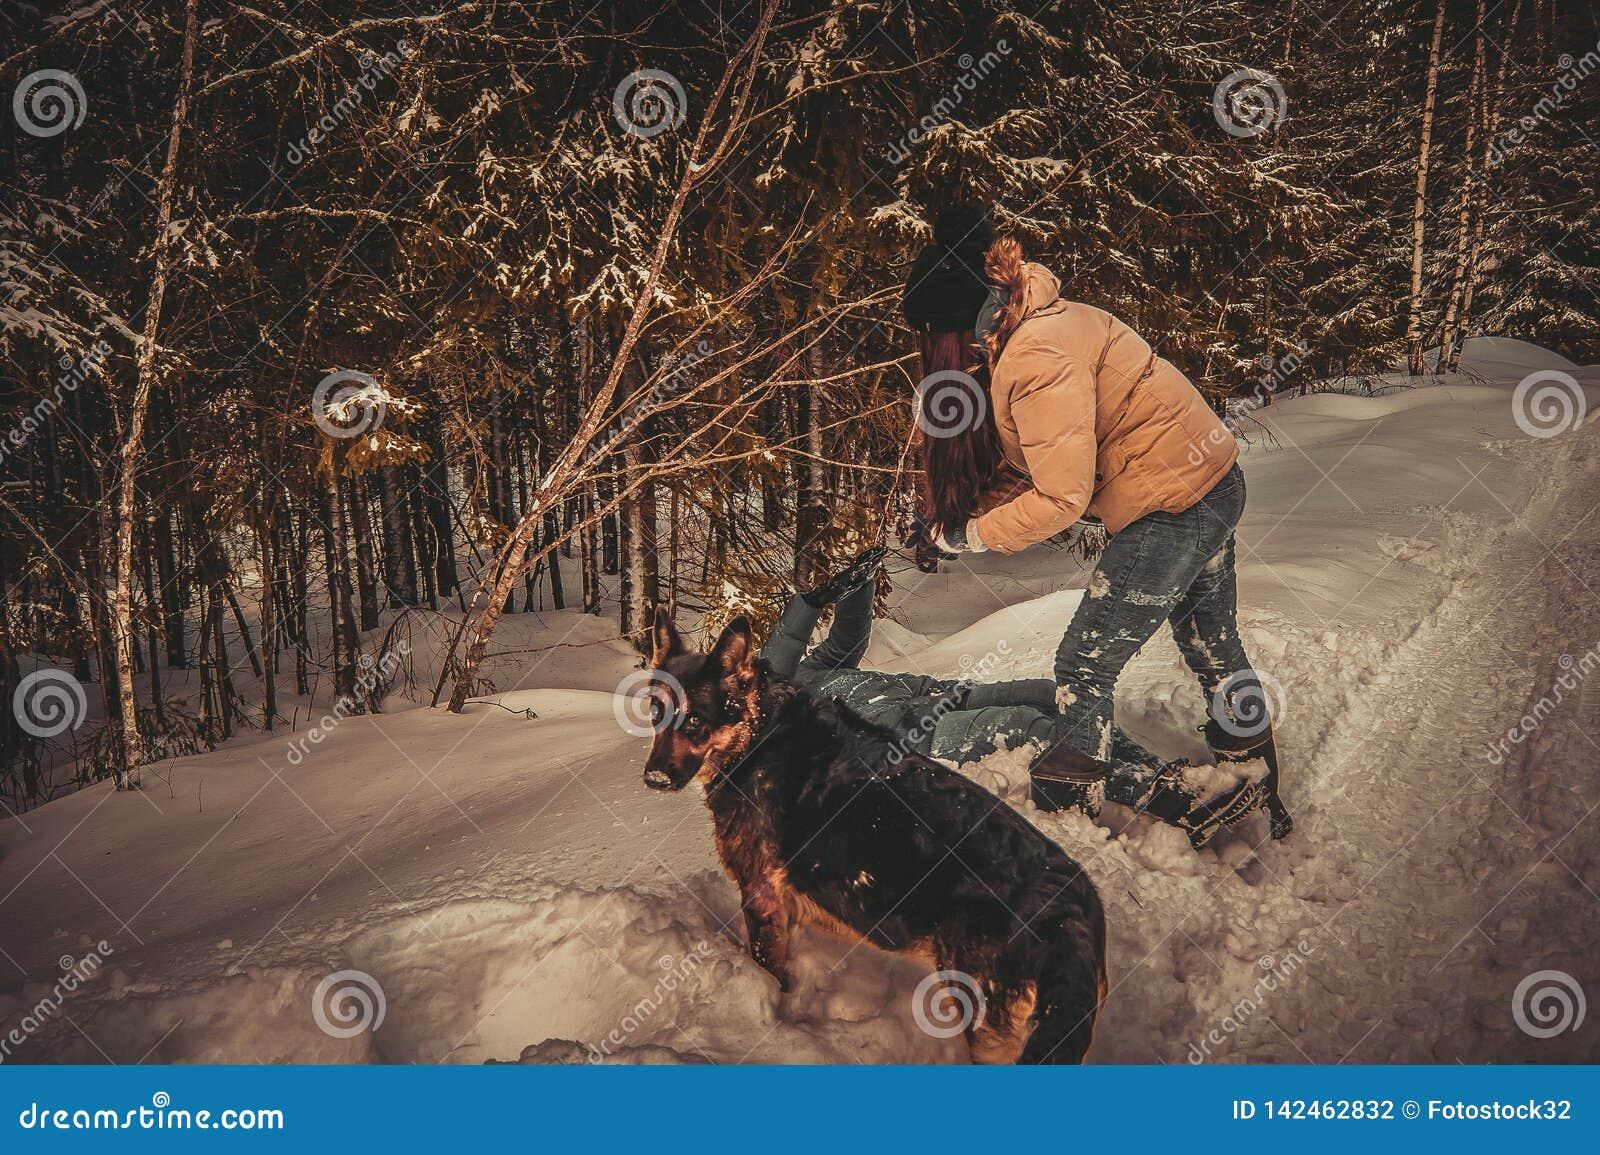 Las muchachas juegan en la nieve, el perro miran al fotógrafo en perplejidad